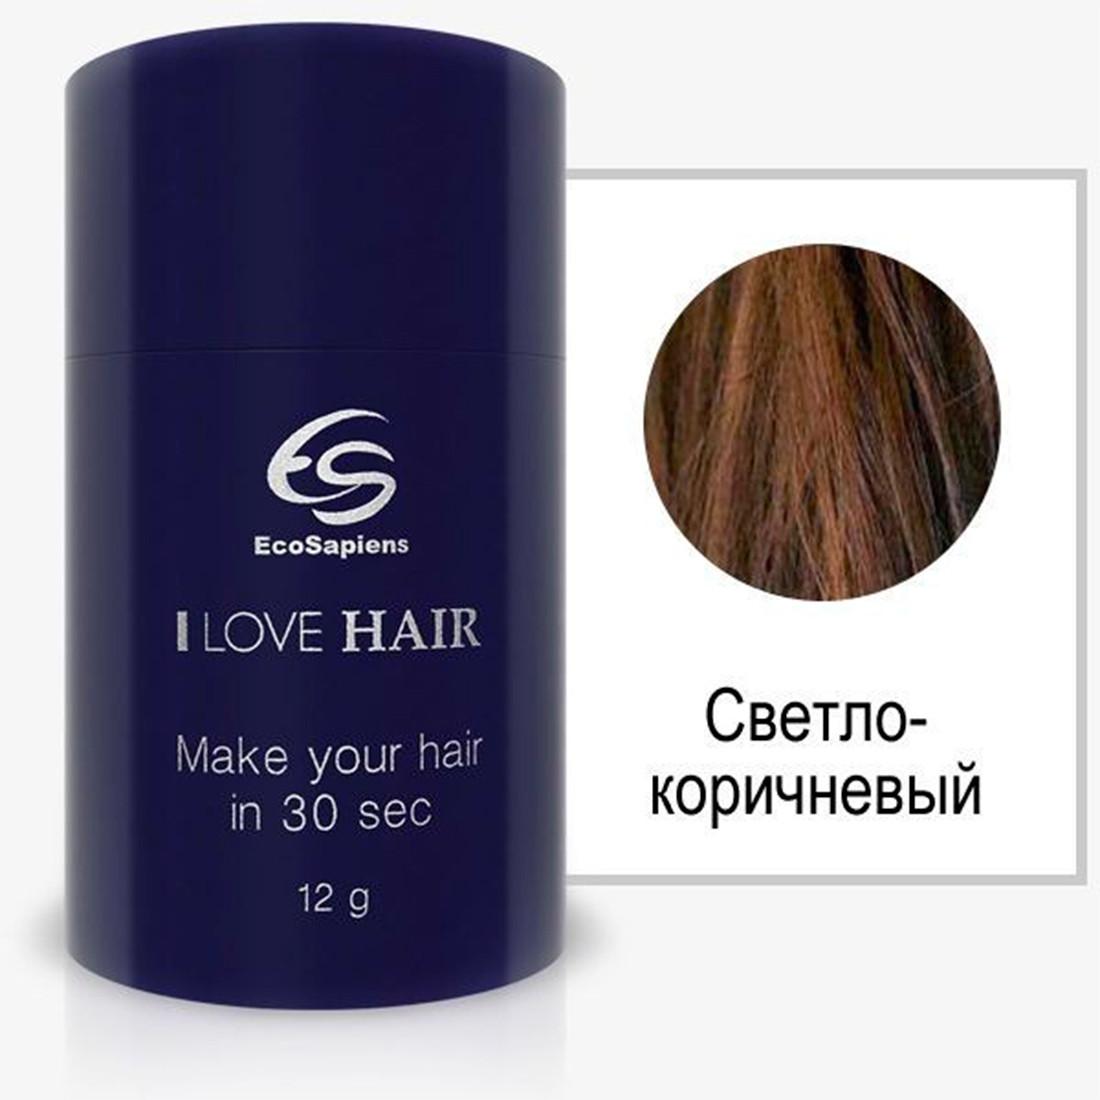 I Love Hair загуститель для волос (светло-коричневый) - фото 1